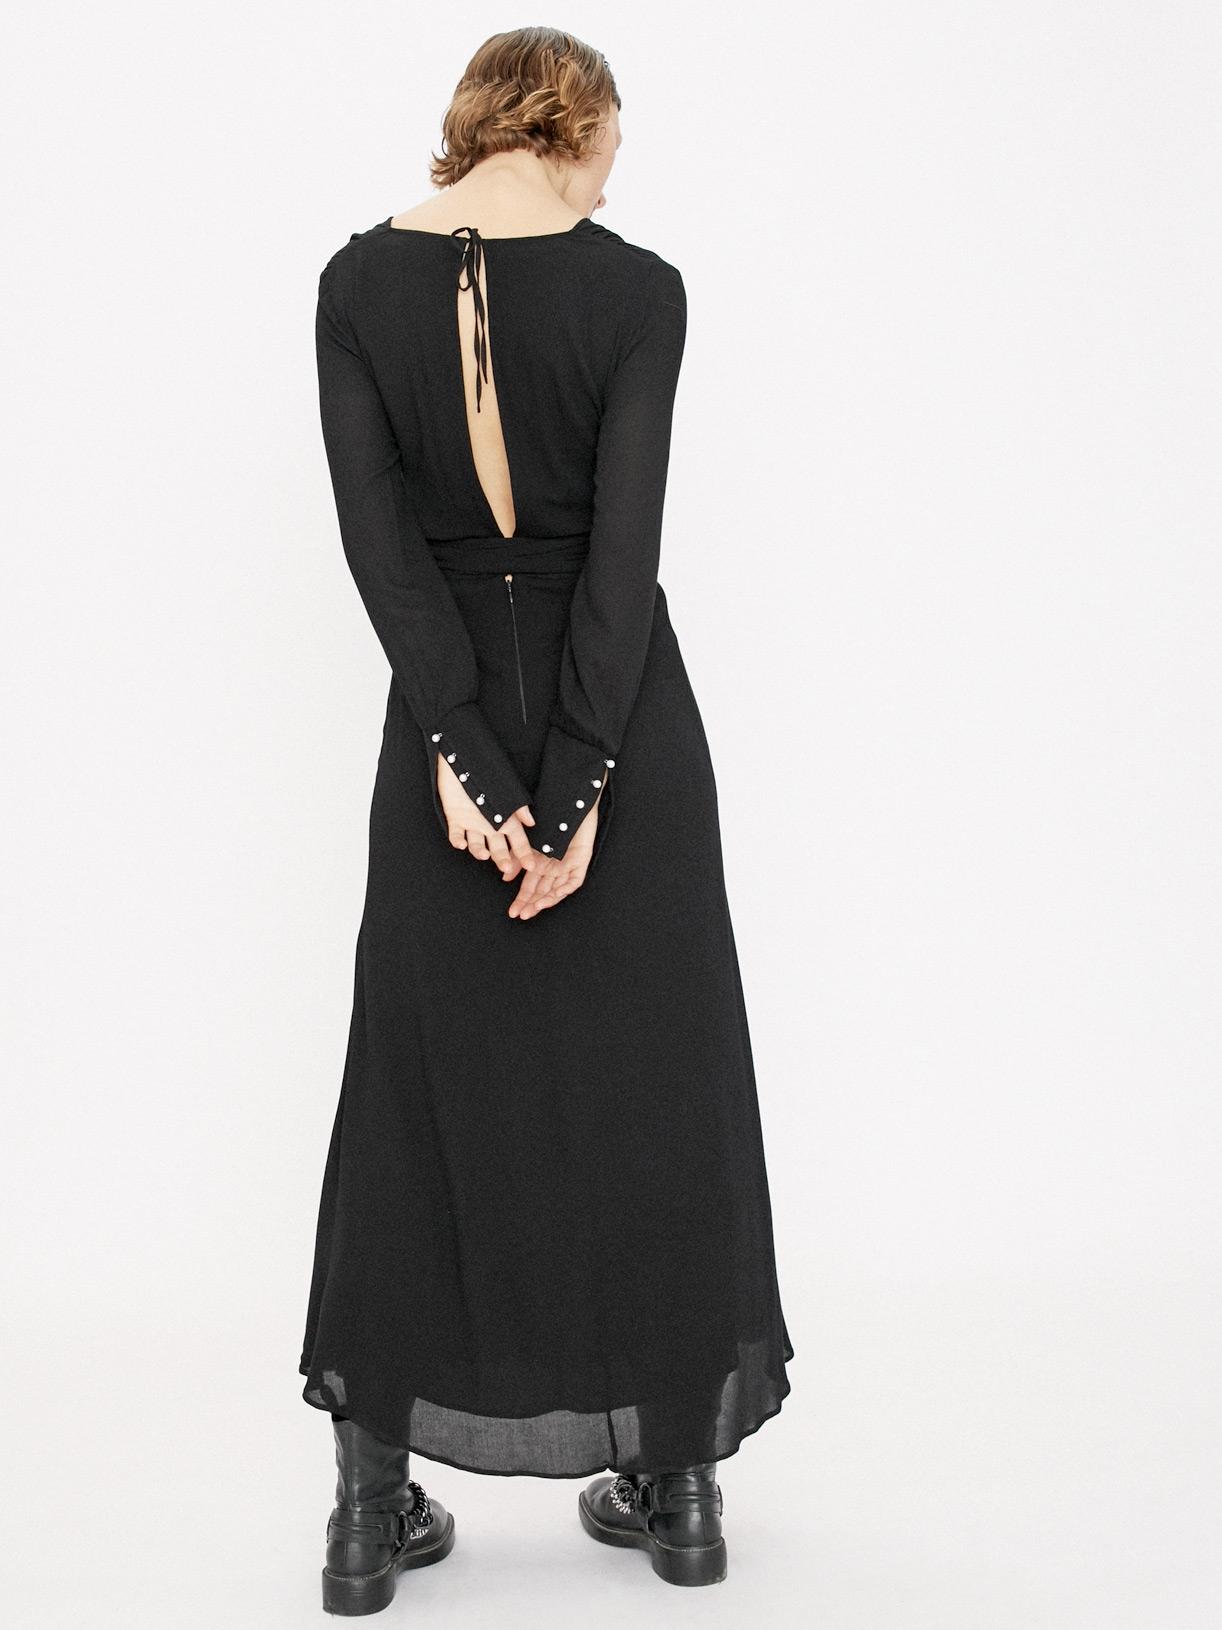 Robe de soirée ample a manches longues noire et sur-mesure Moonlight - Myphilosophy